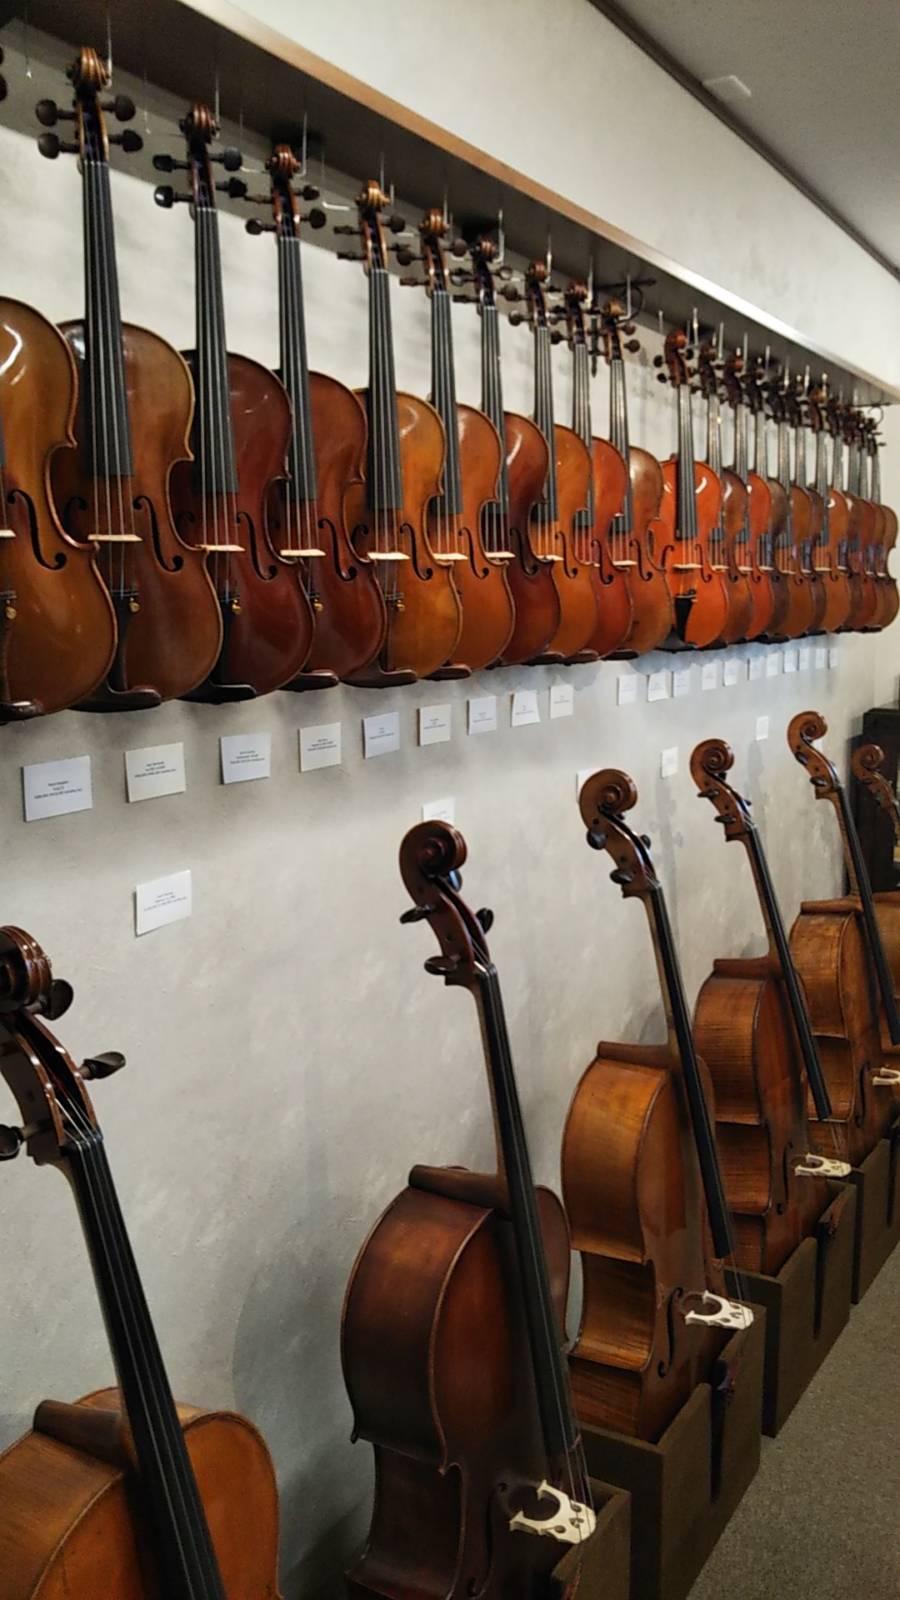 バイオリン展示会3周年記念フェア開催のお知らせ